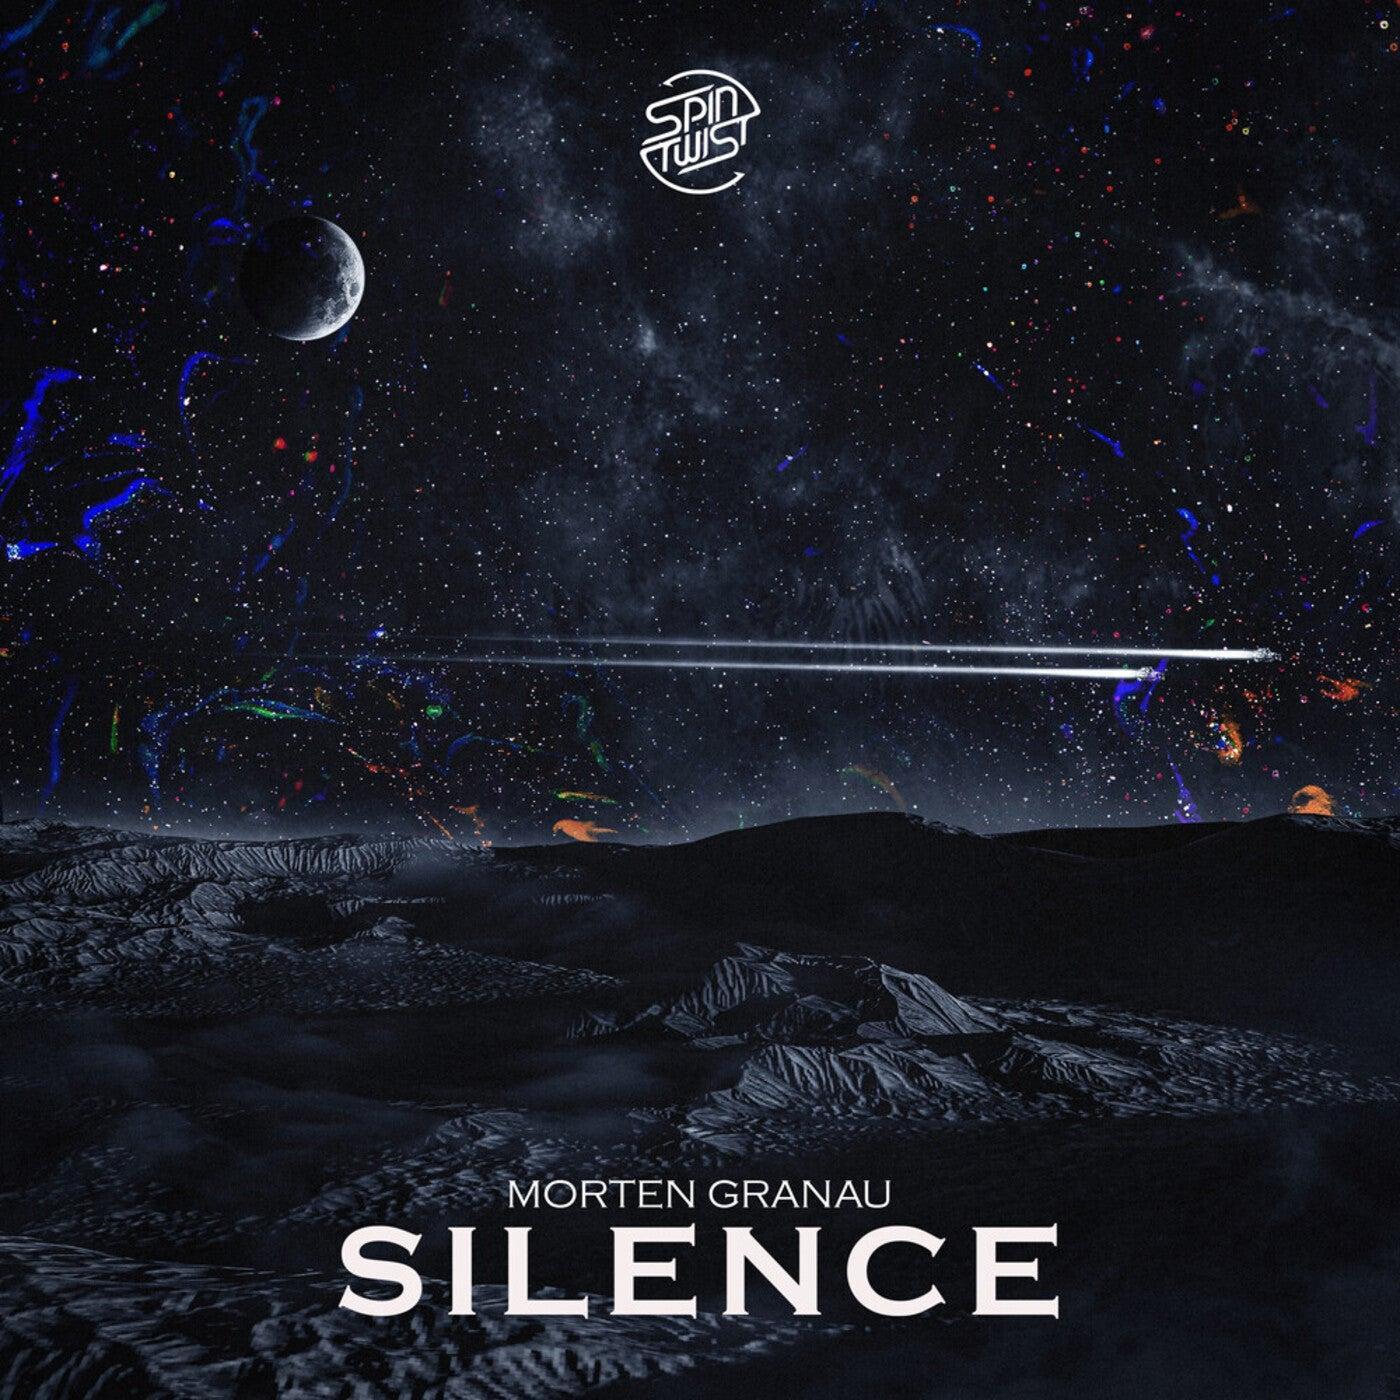 Silence (Original Mix)